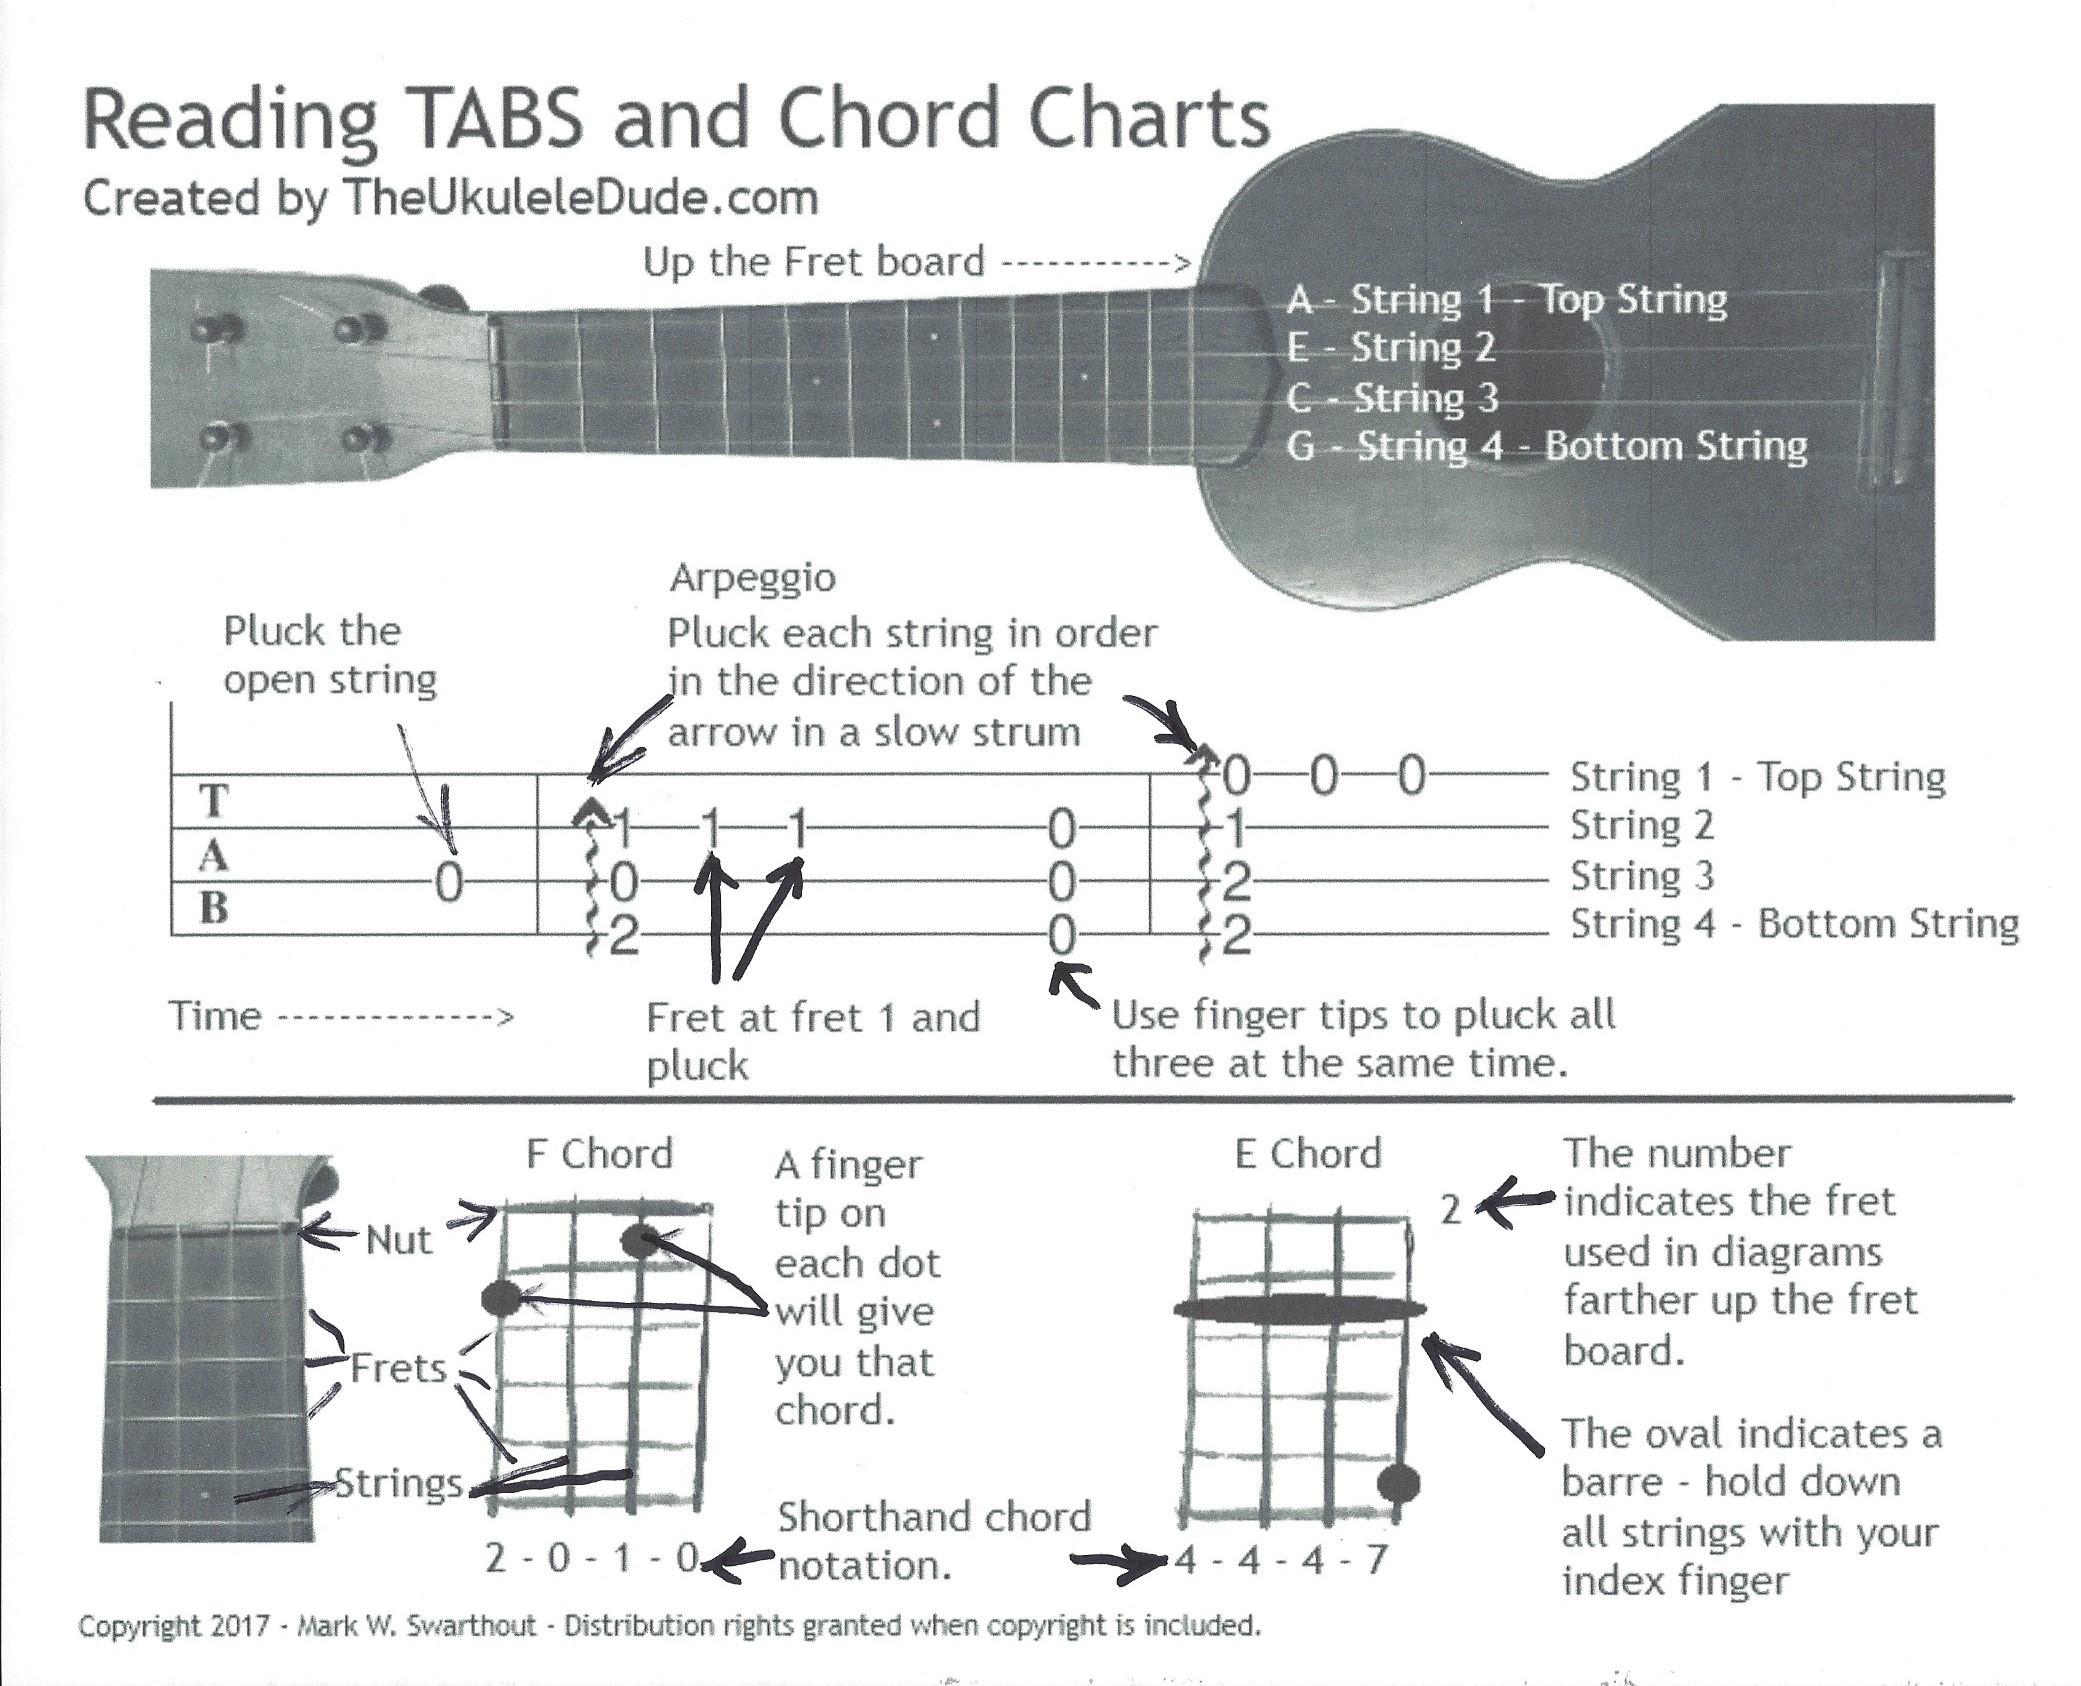 StartingChart?resize=690%2C559 reading chord charts and tabs faq the ukulele dude